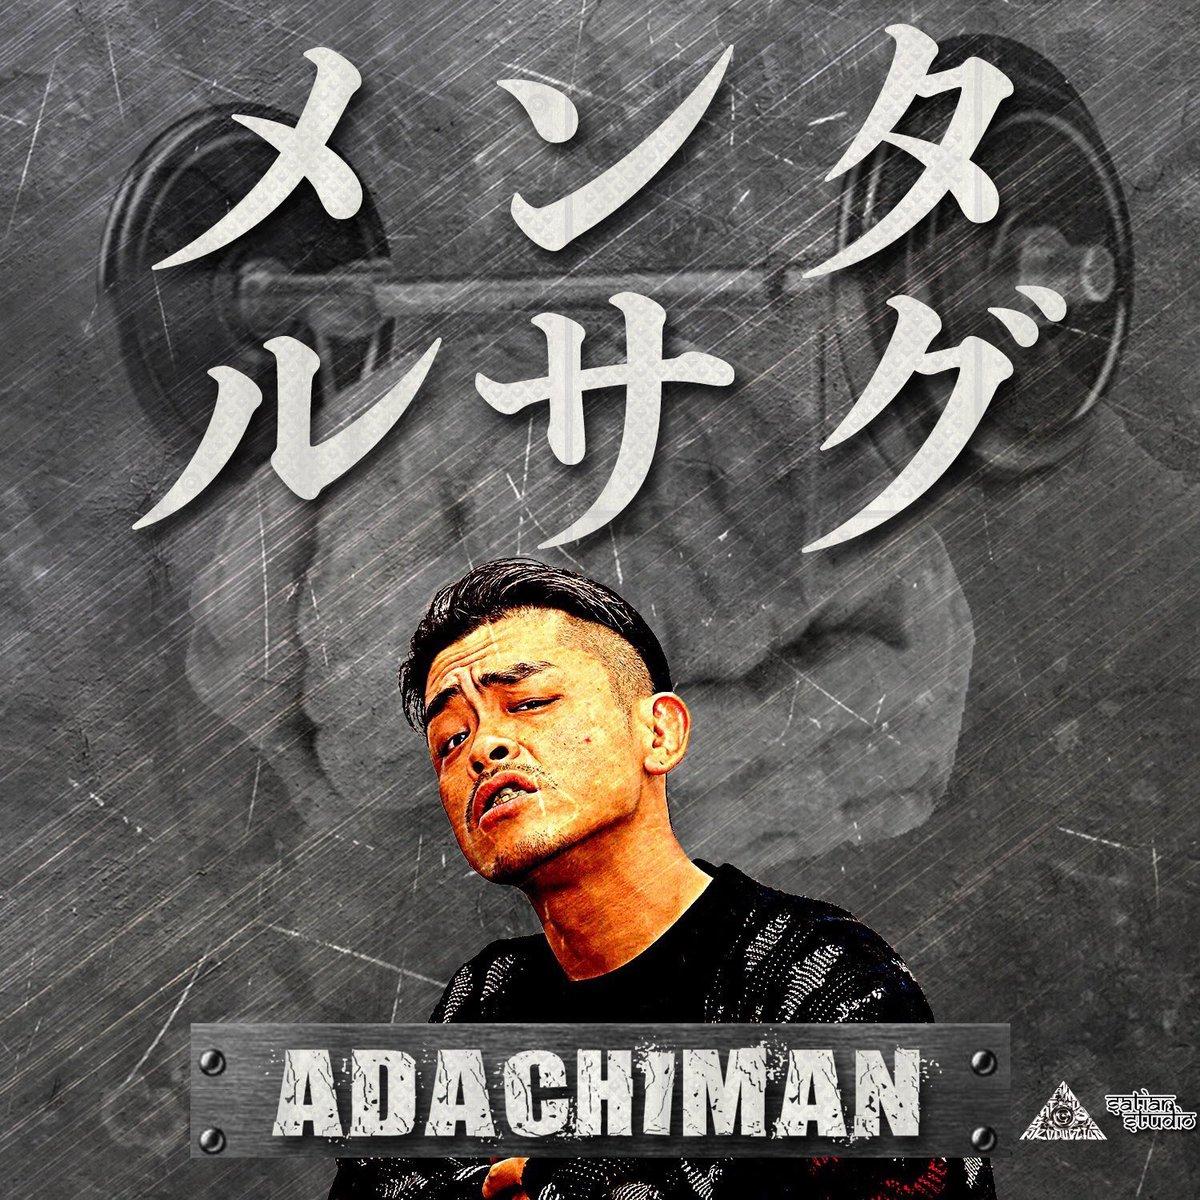 DEEJAYにはいろんな系統がありますが、アダさんのこの曲はゴリゴリバチバチ系統の最高峰だと思います。意味の通るブレない